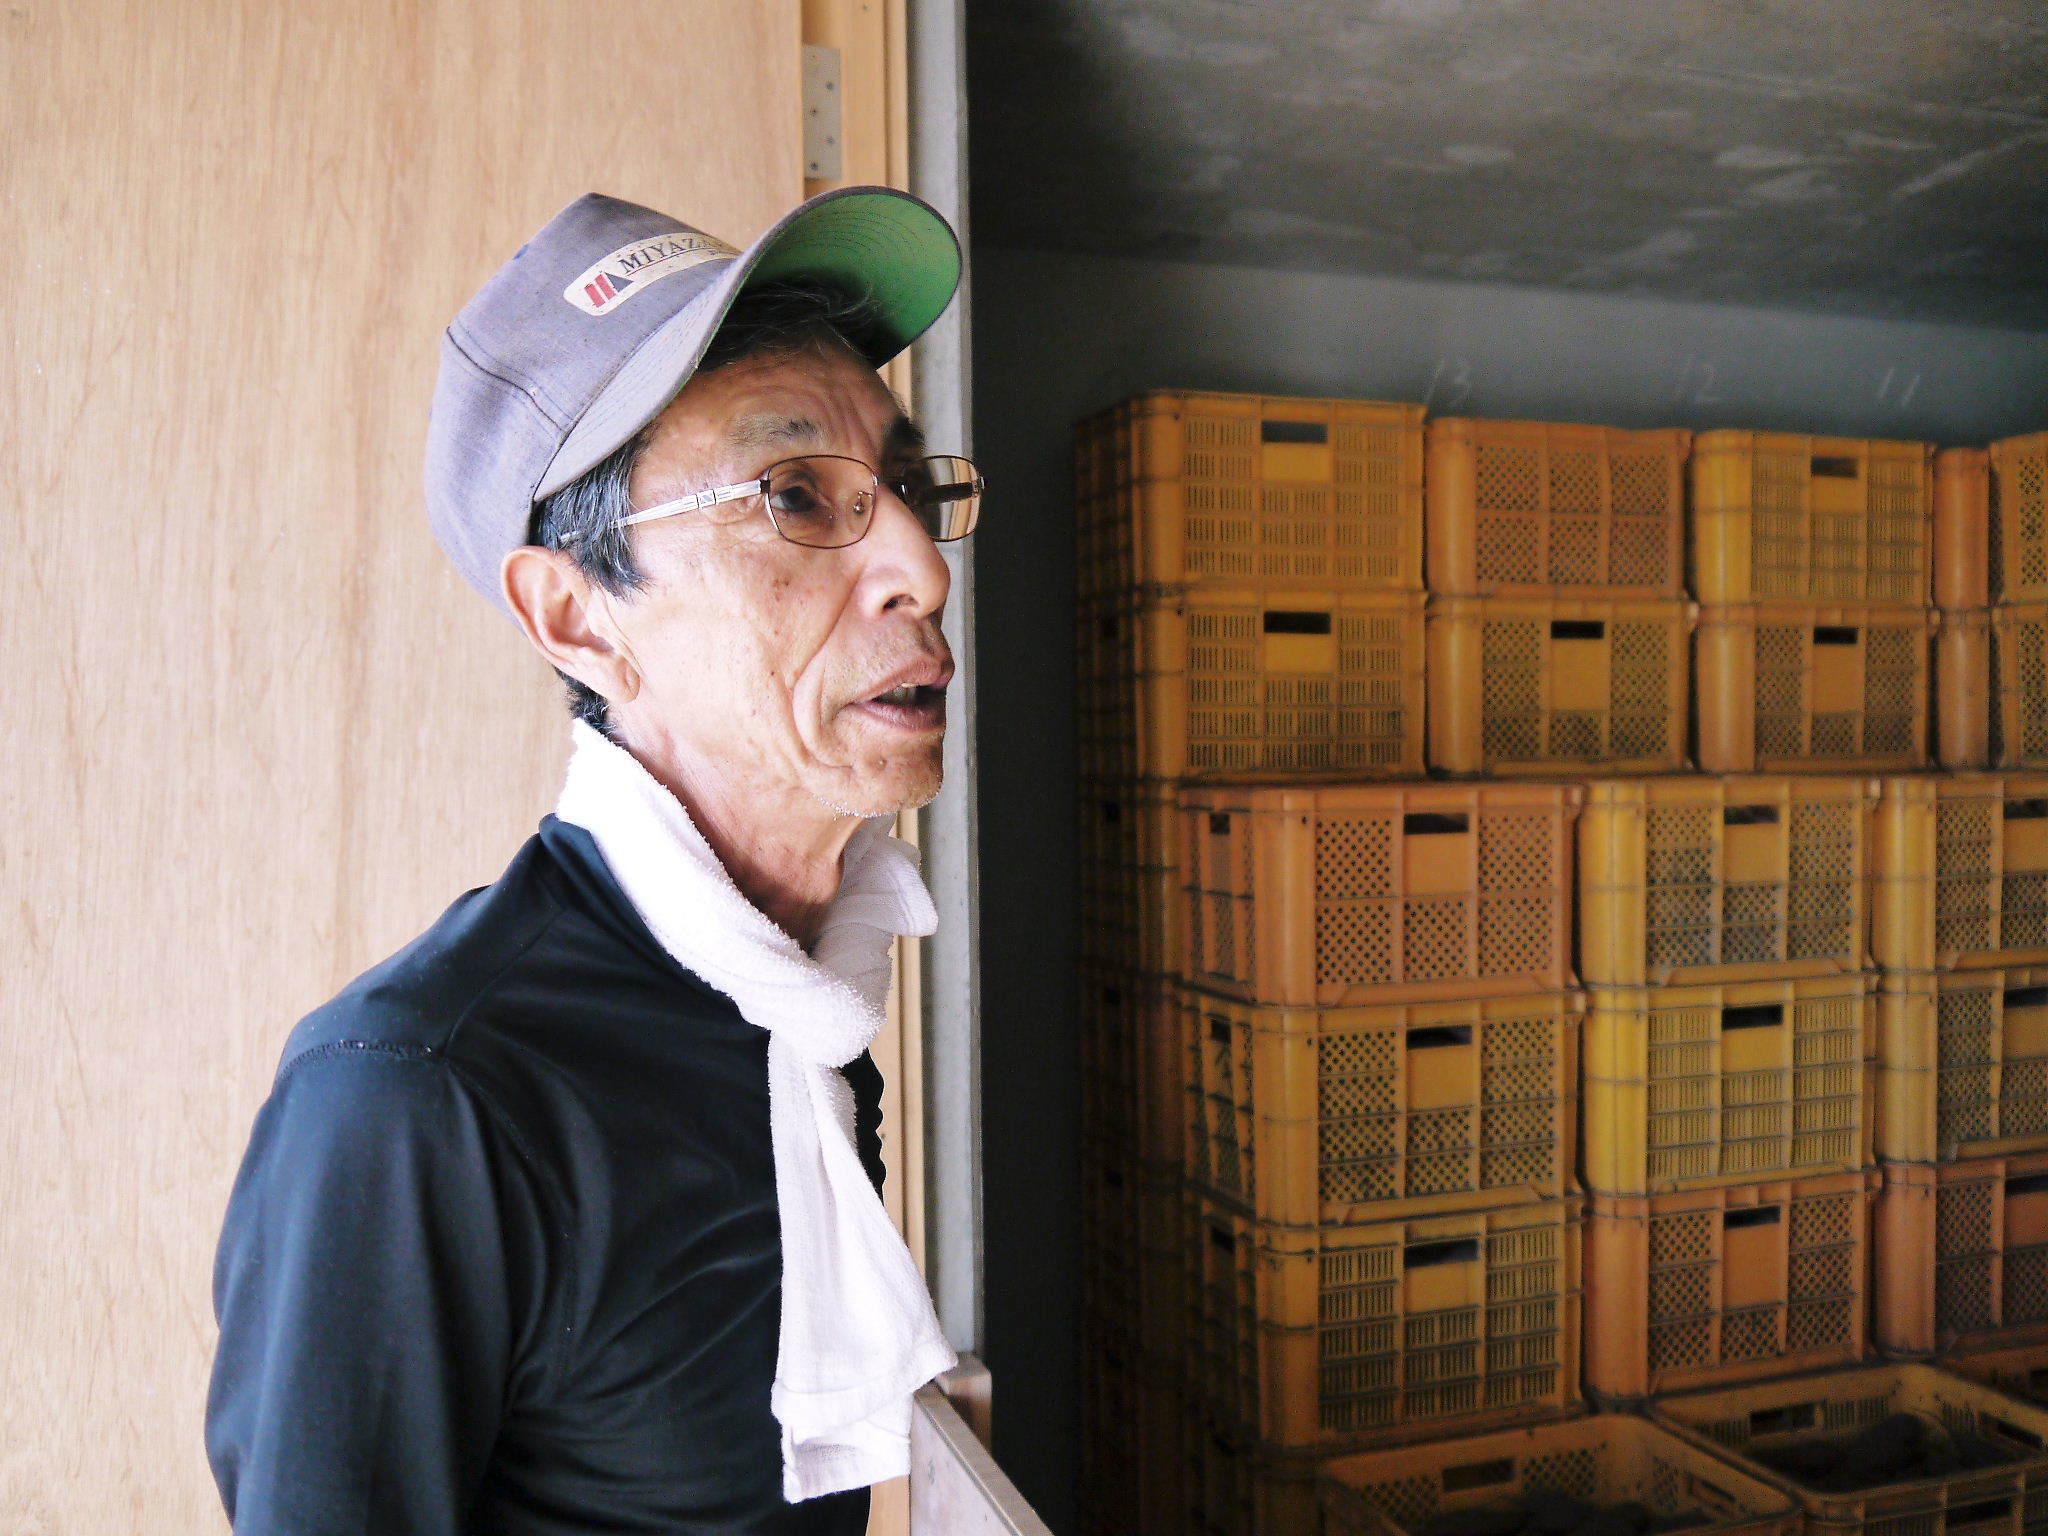 熊本産大津甘藷『からいも(サツマイモ)』の販売に向け、生産農家を現地取材(後編)_a0254656_18350164.jpg